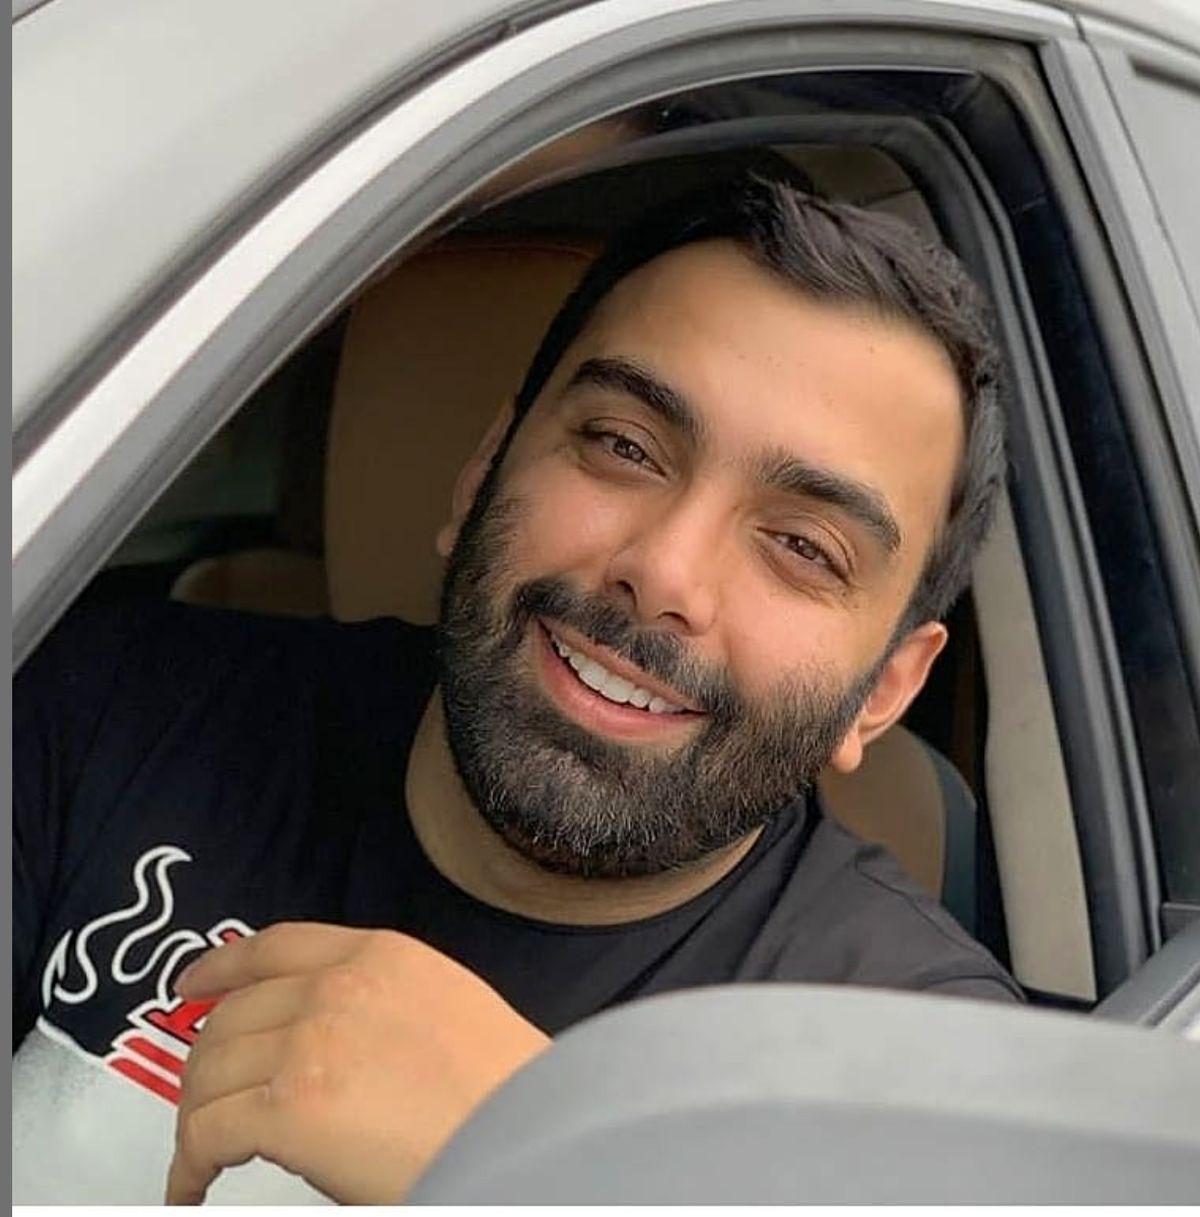 قرض گرفتن مسعود صادقلو از دوستش در برنامه حامد آهنگی جنجالی شد